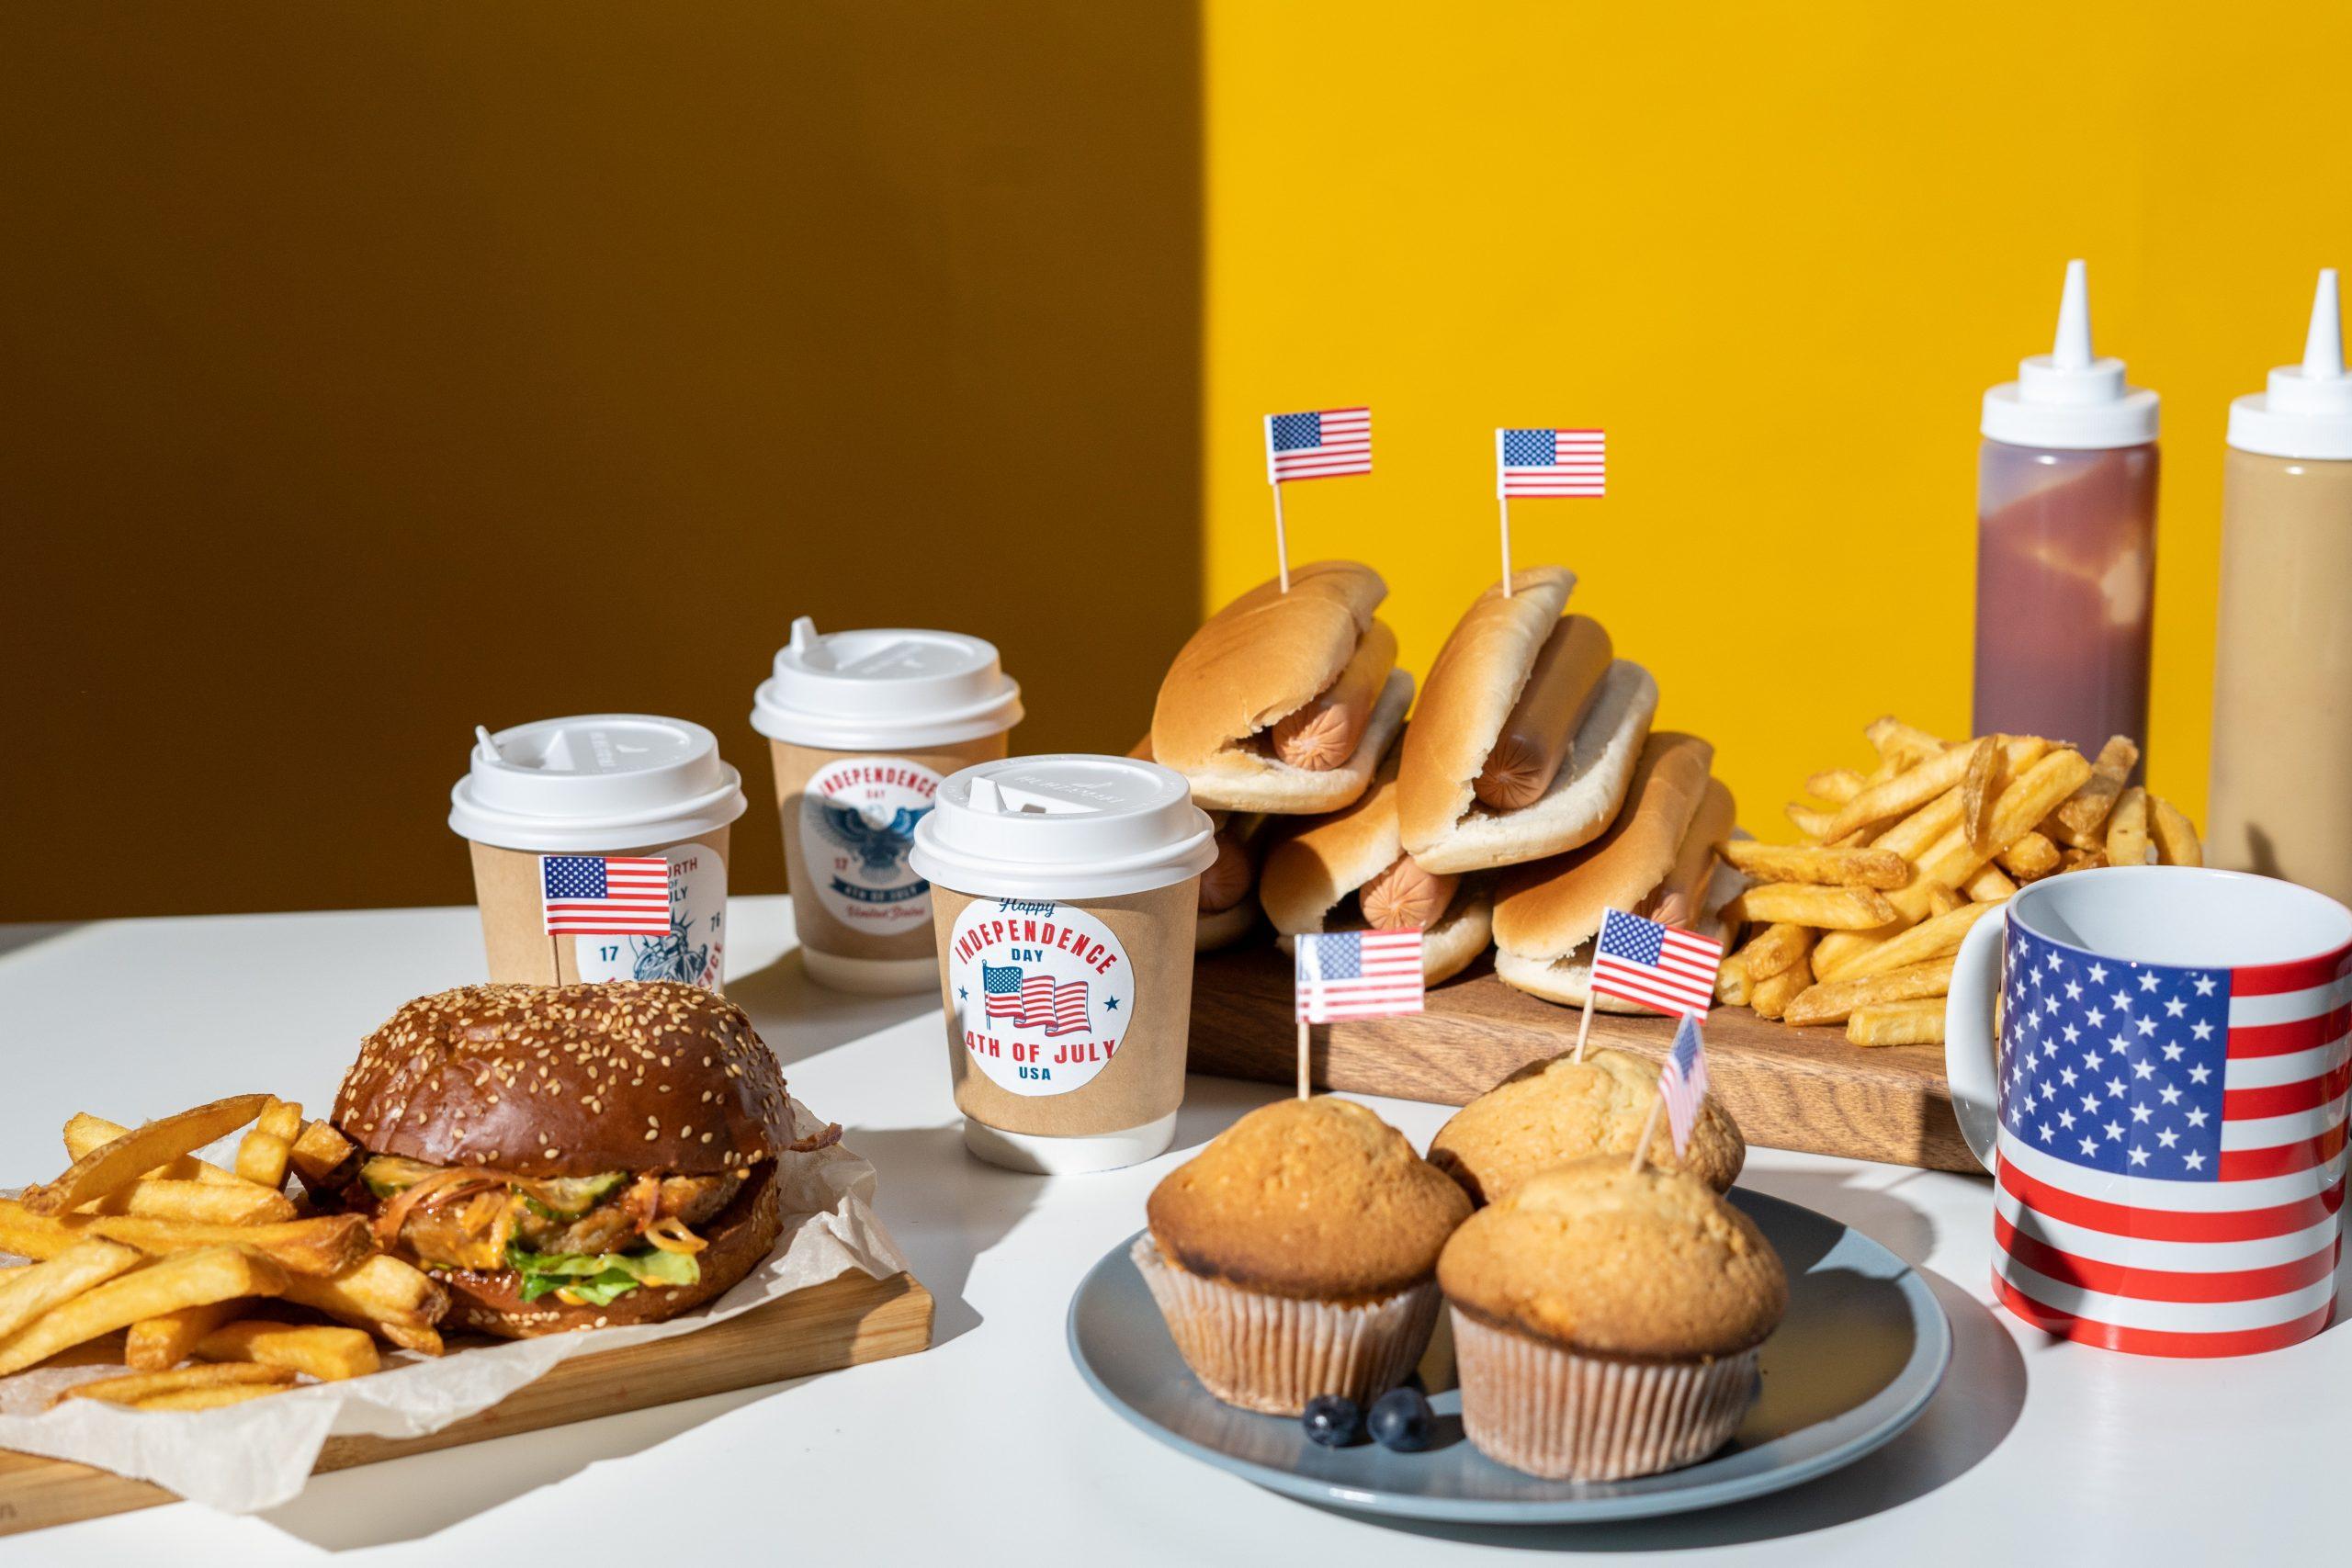 NIezdrowe jedzenie, fot. pexels.com